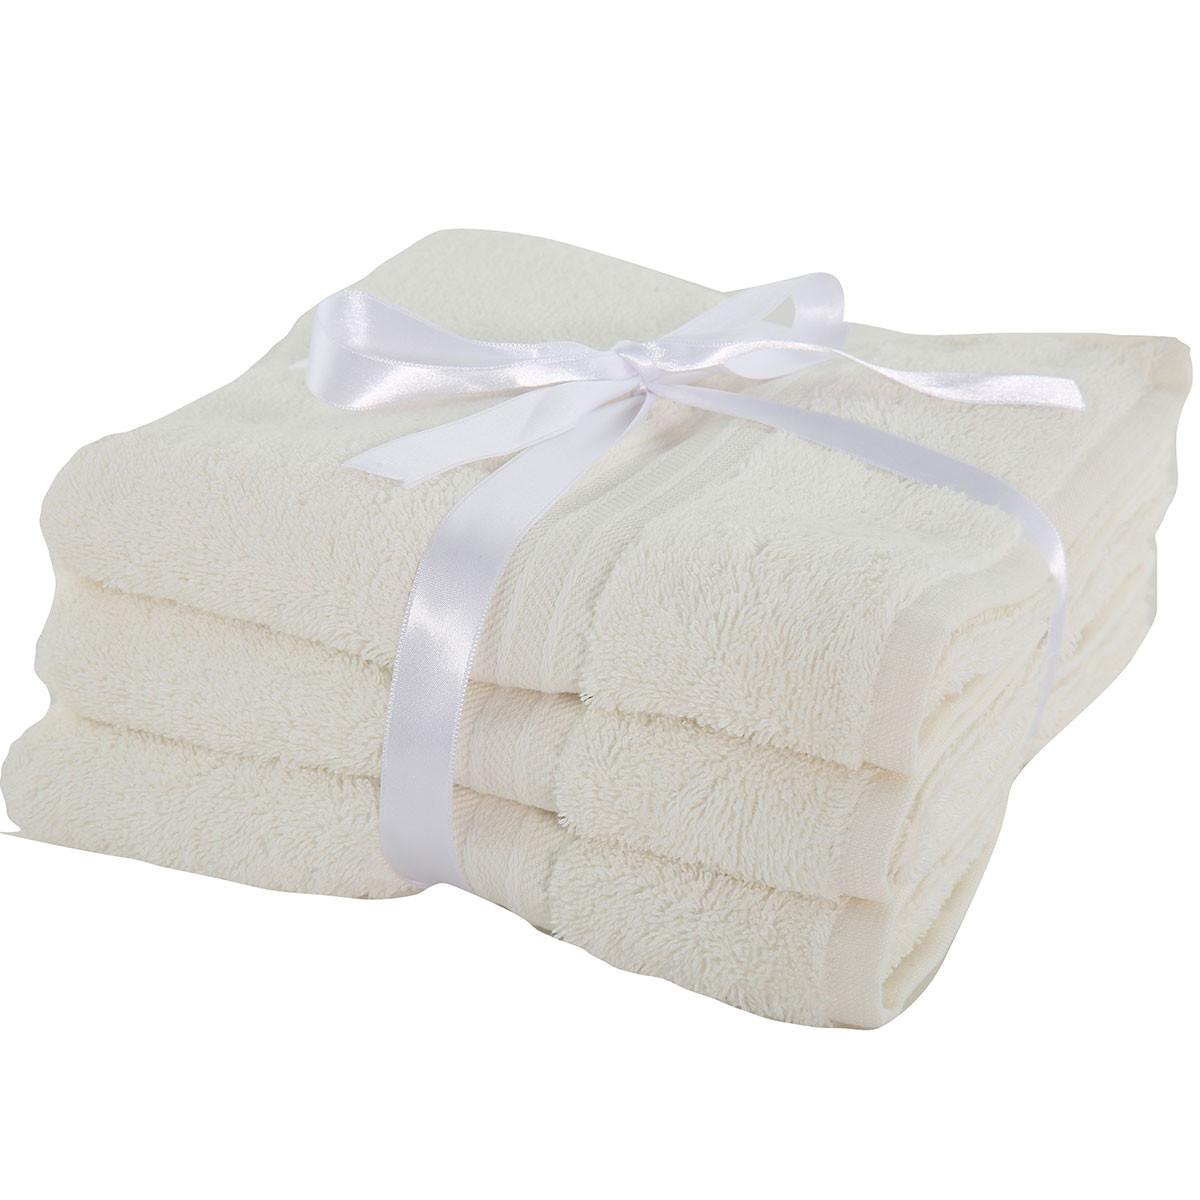 Πετσέτες Προσώπου (Σετ 3τμχ) Nef-Nef Cosy Cream